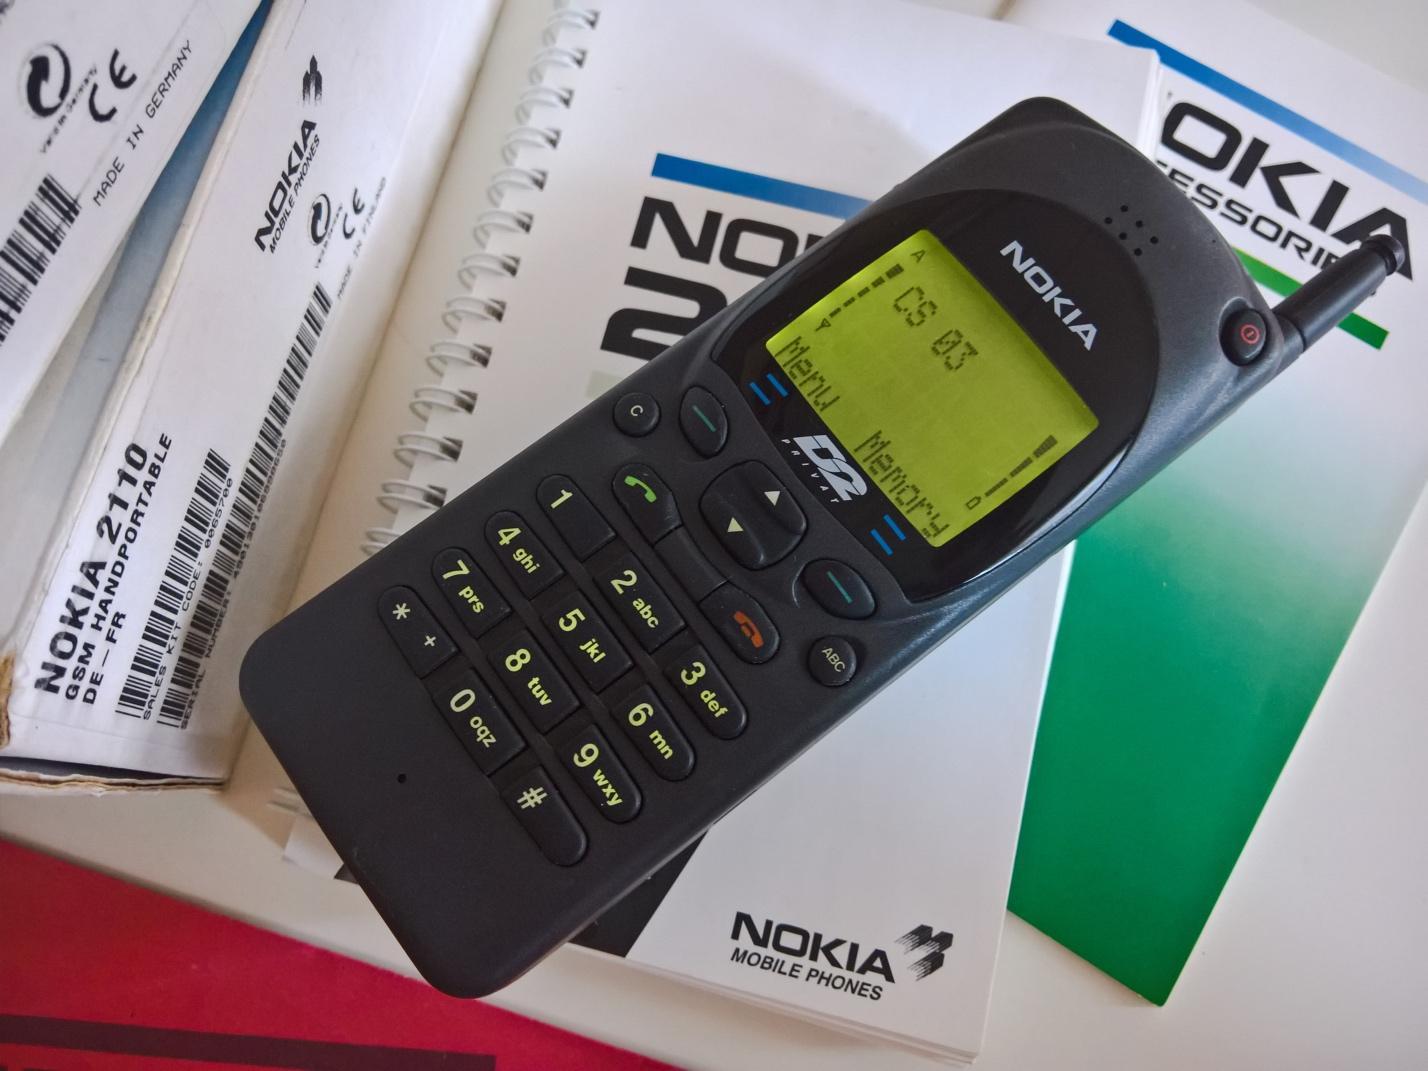 Почему телефоны замолчали будущее,гаджеты,мобильные телефоны,рингтон,смартфоны,телефоны,техника,технологии